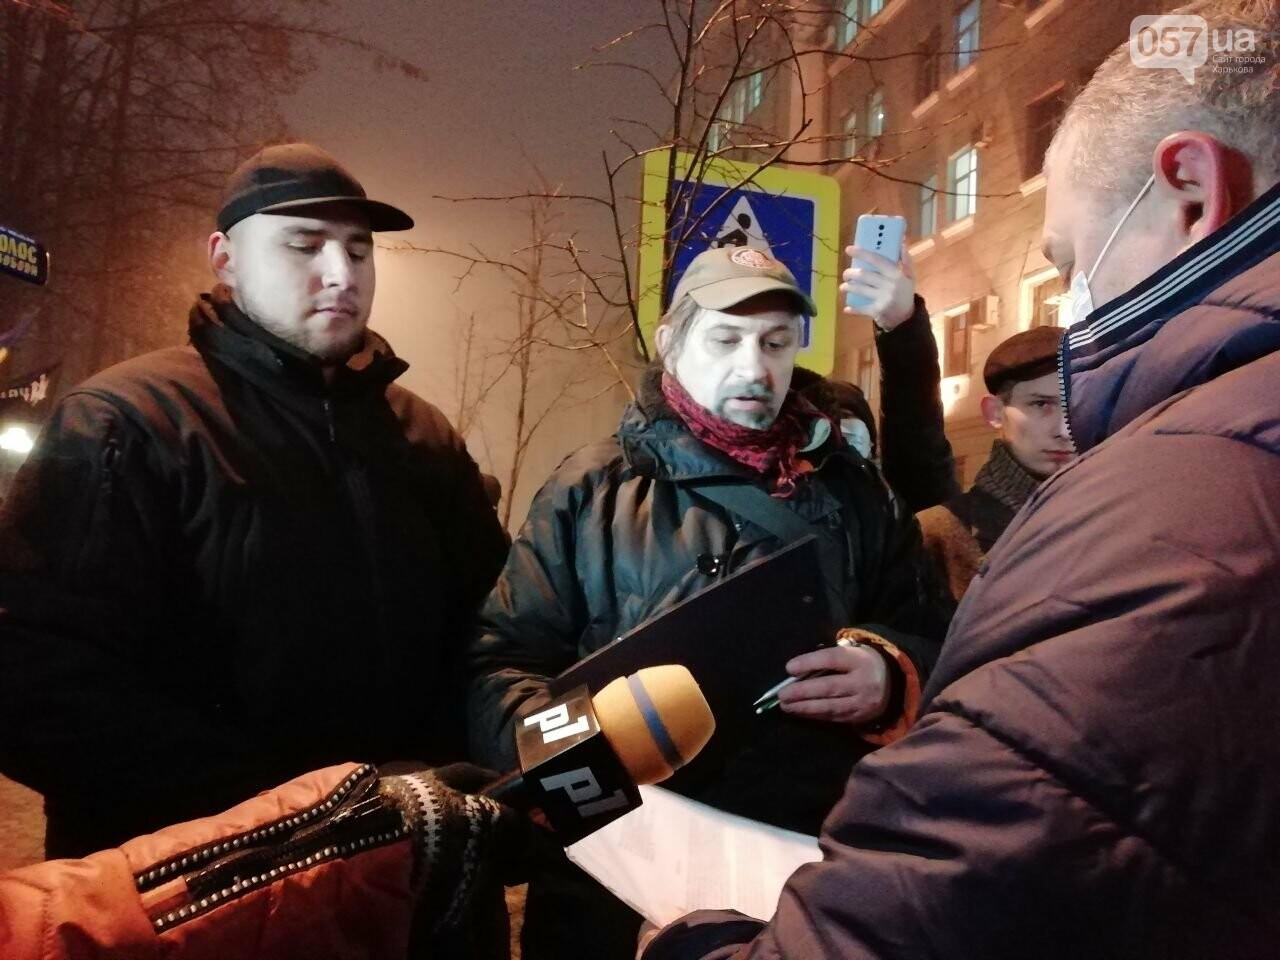 «Мусора - не люди»: из-за слов Авакова в центре Харькова активисты пикетировали облуправление полиции, - ФОТО, фото-14